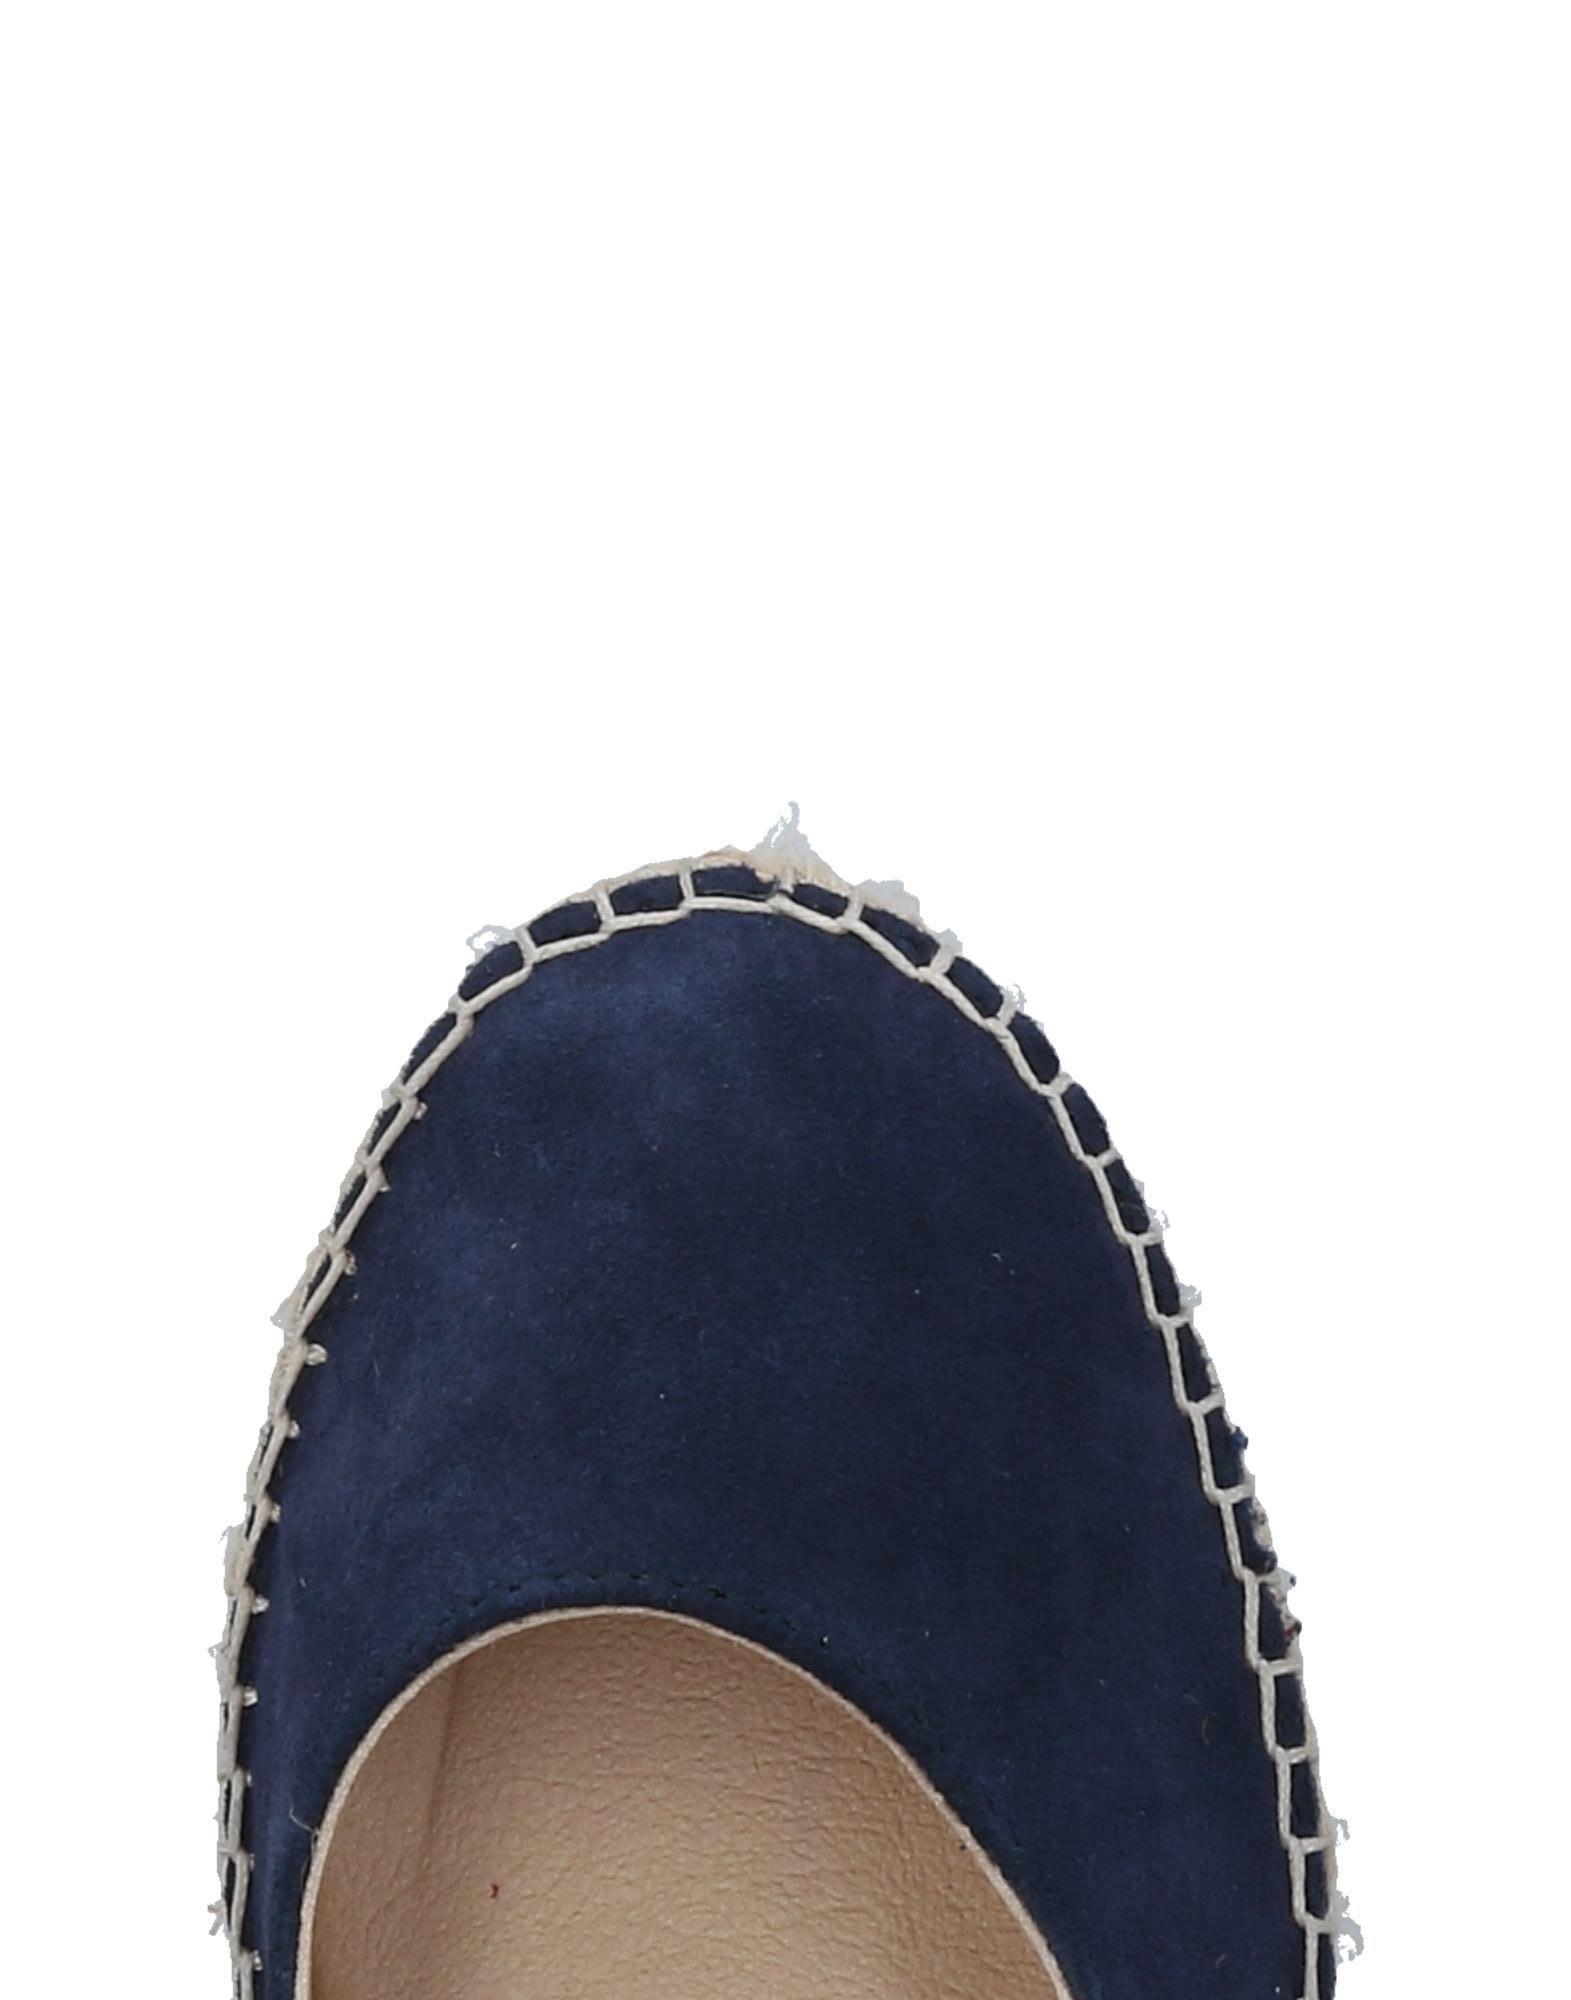 [Espadrij] Pumps Damen  beliebte 11483929EX Gute Qualität beliebte  Schuhe 669a33